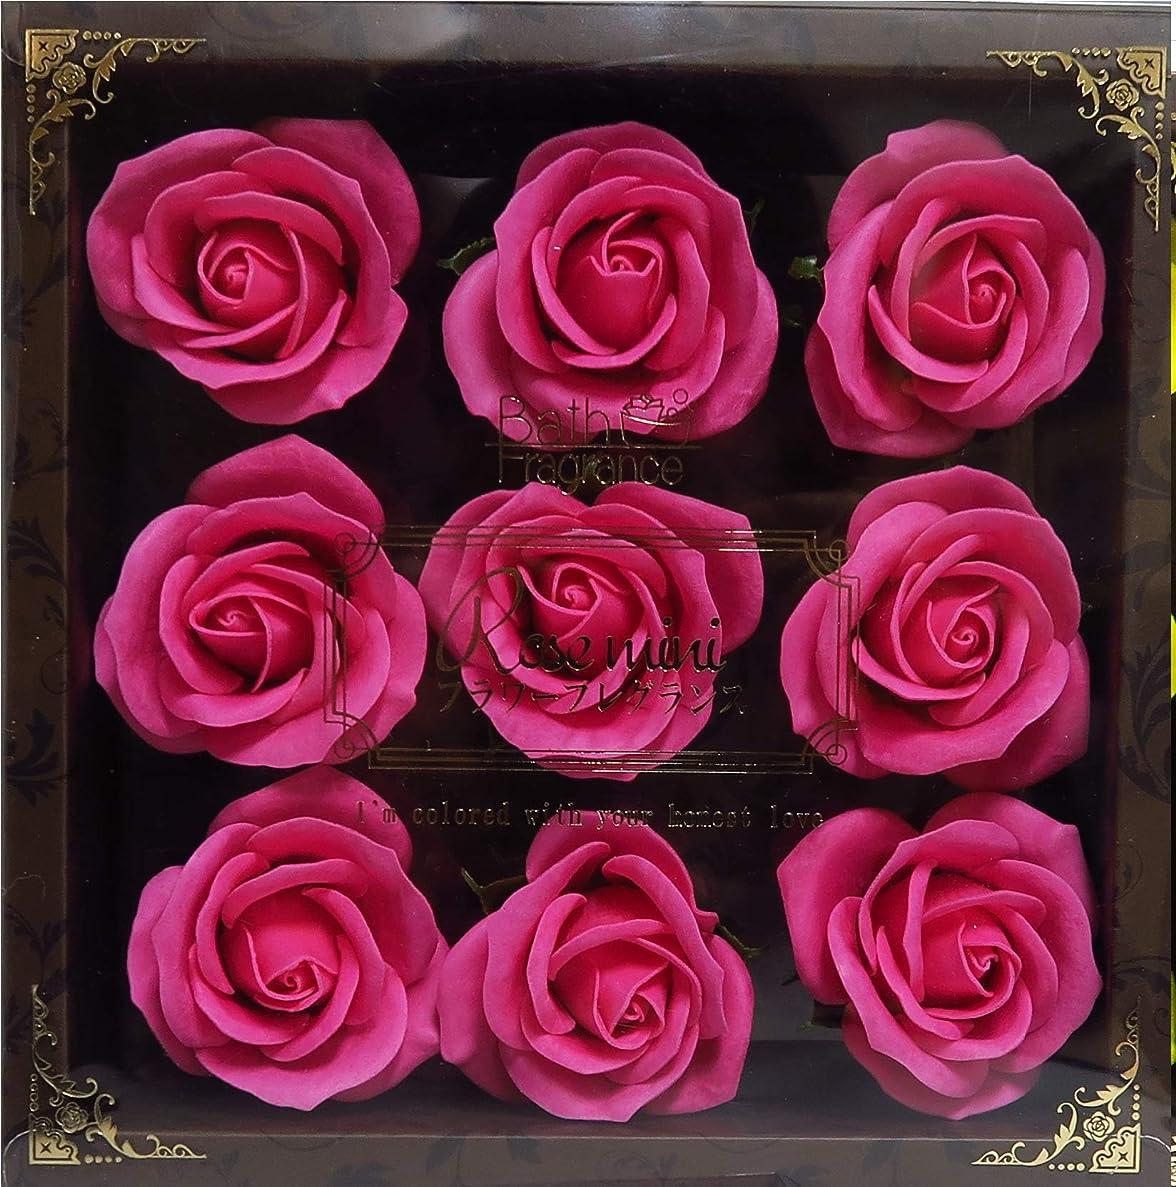 かんたん俳句負バスフレグランス バスフラワー ミニローズフレグランス(L)ローズピンク お花の形の入浴剤